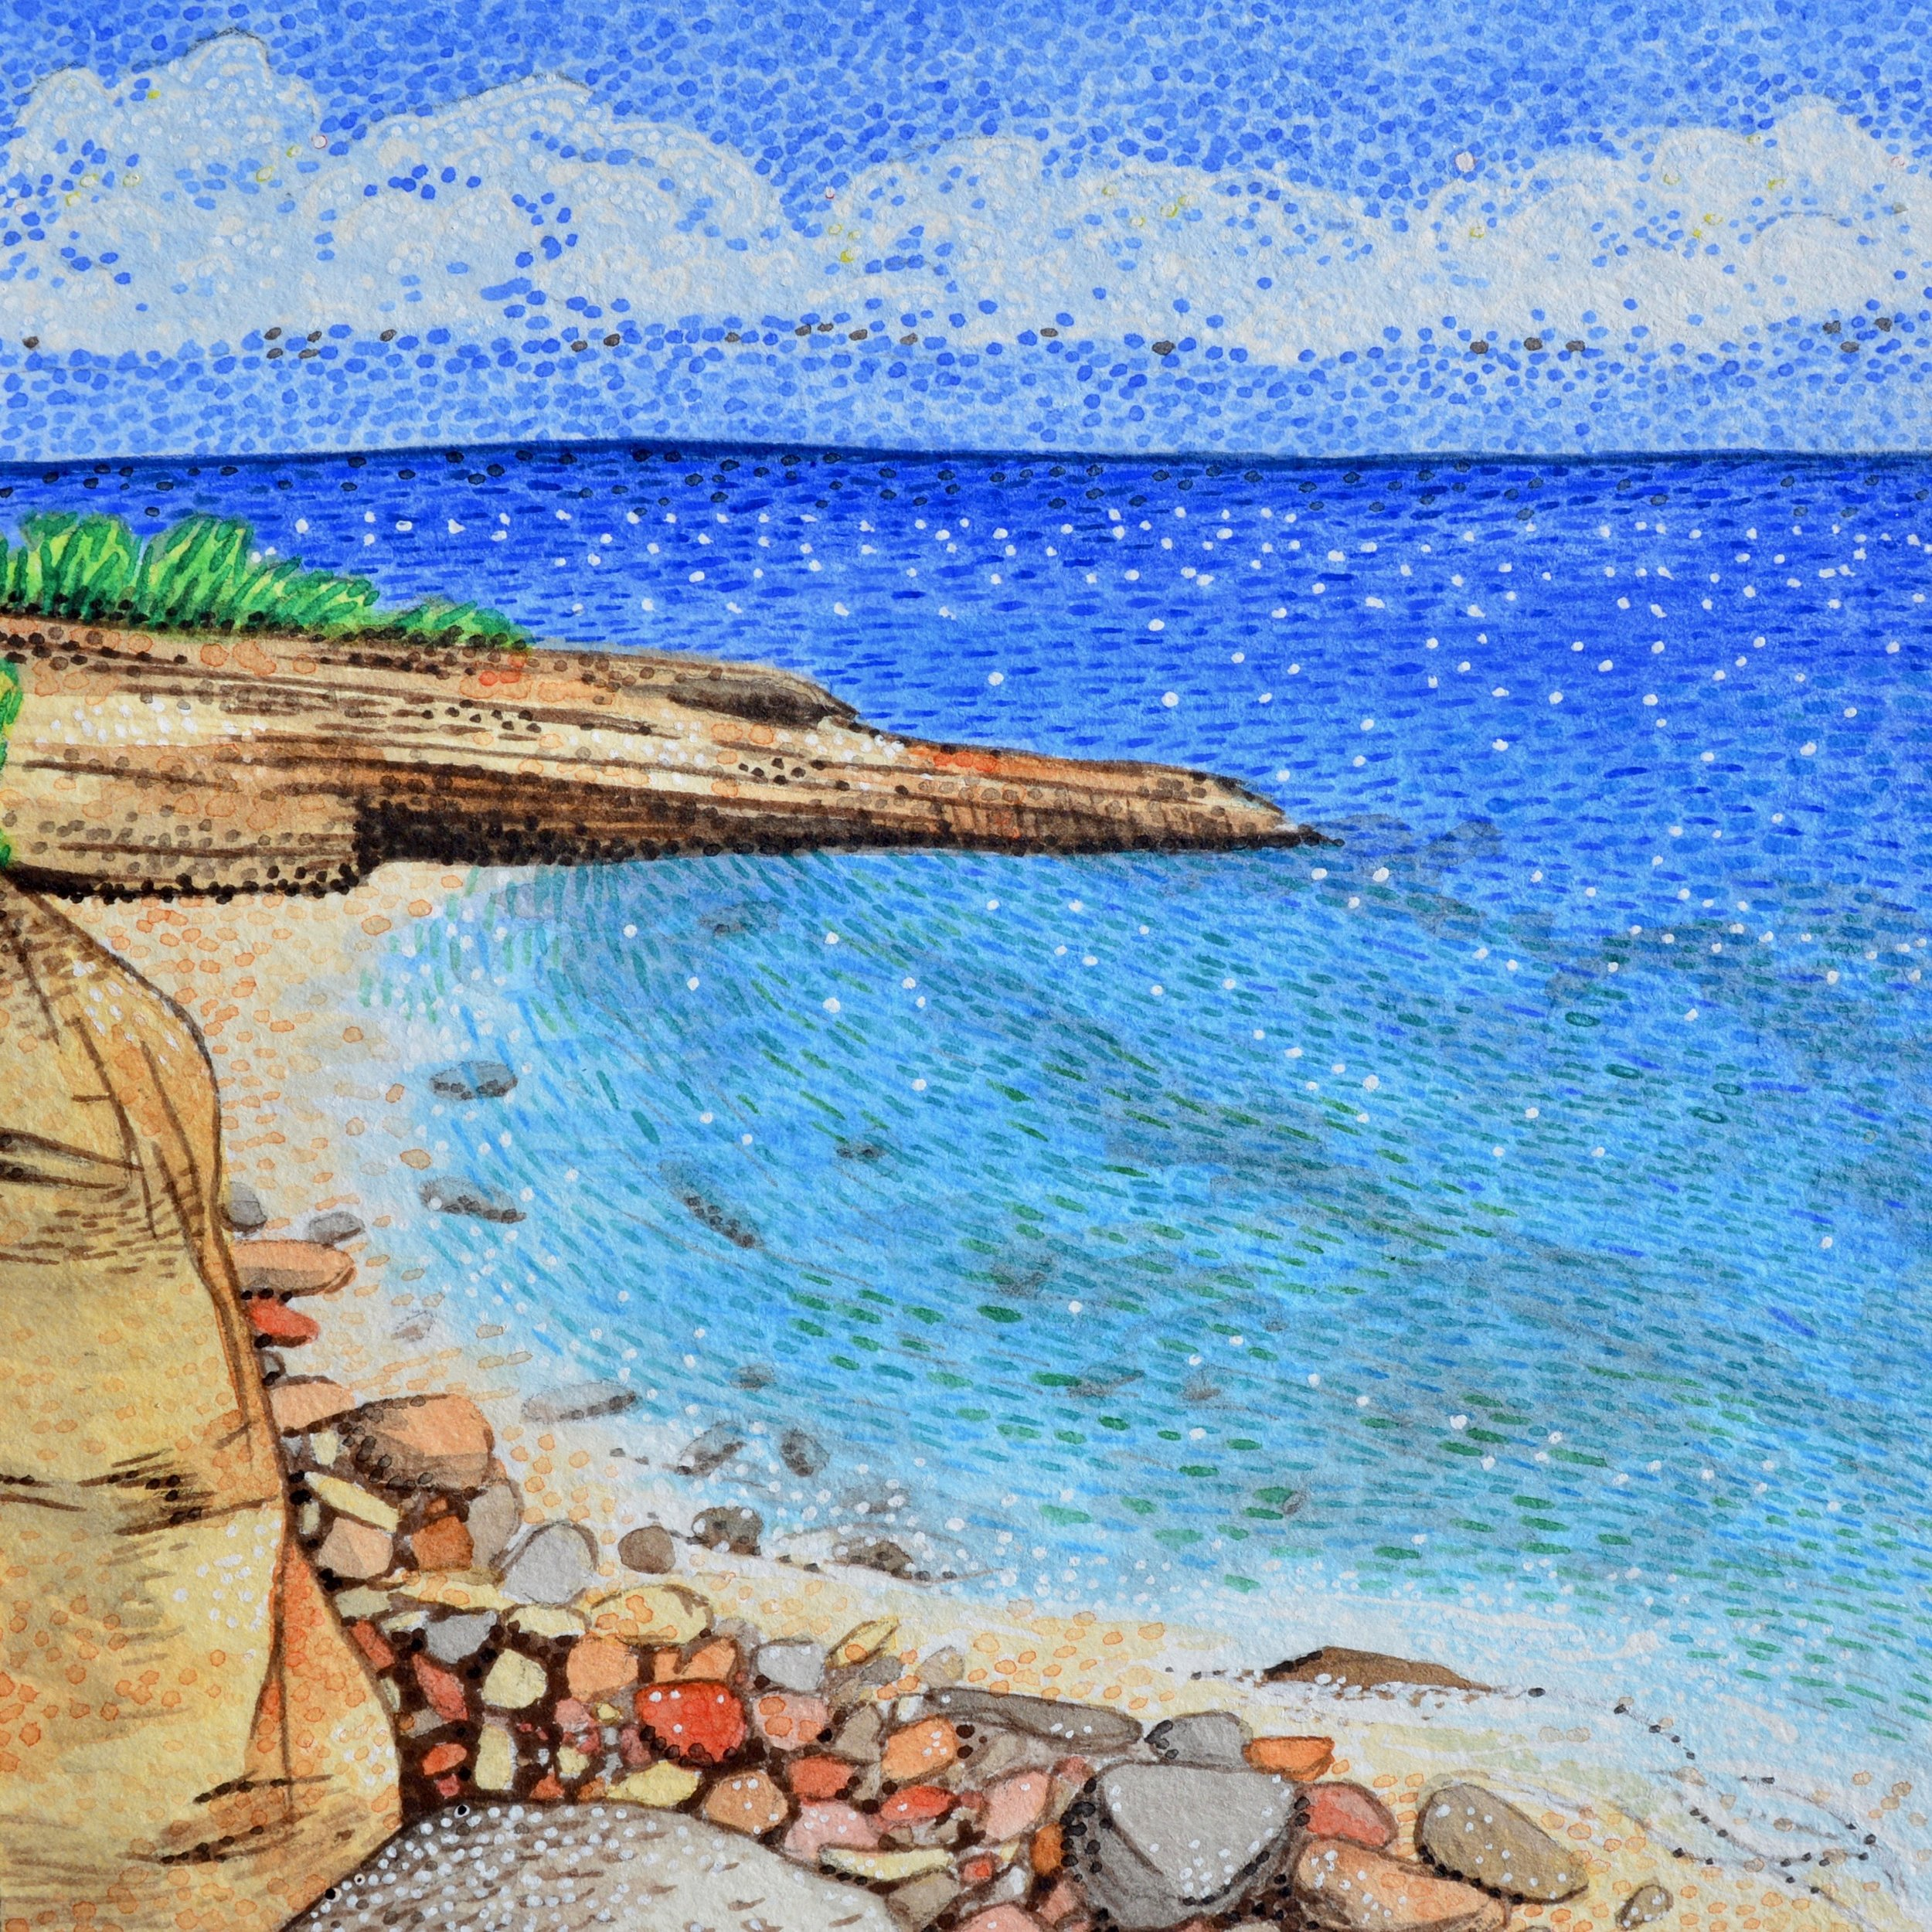 Cupecoy Beach, Sint Maarten: 8/24/17, 15:19:11